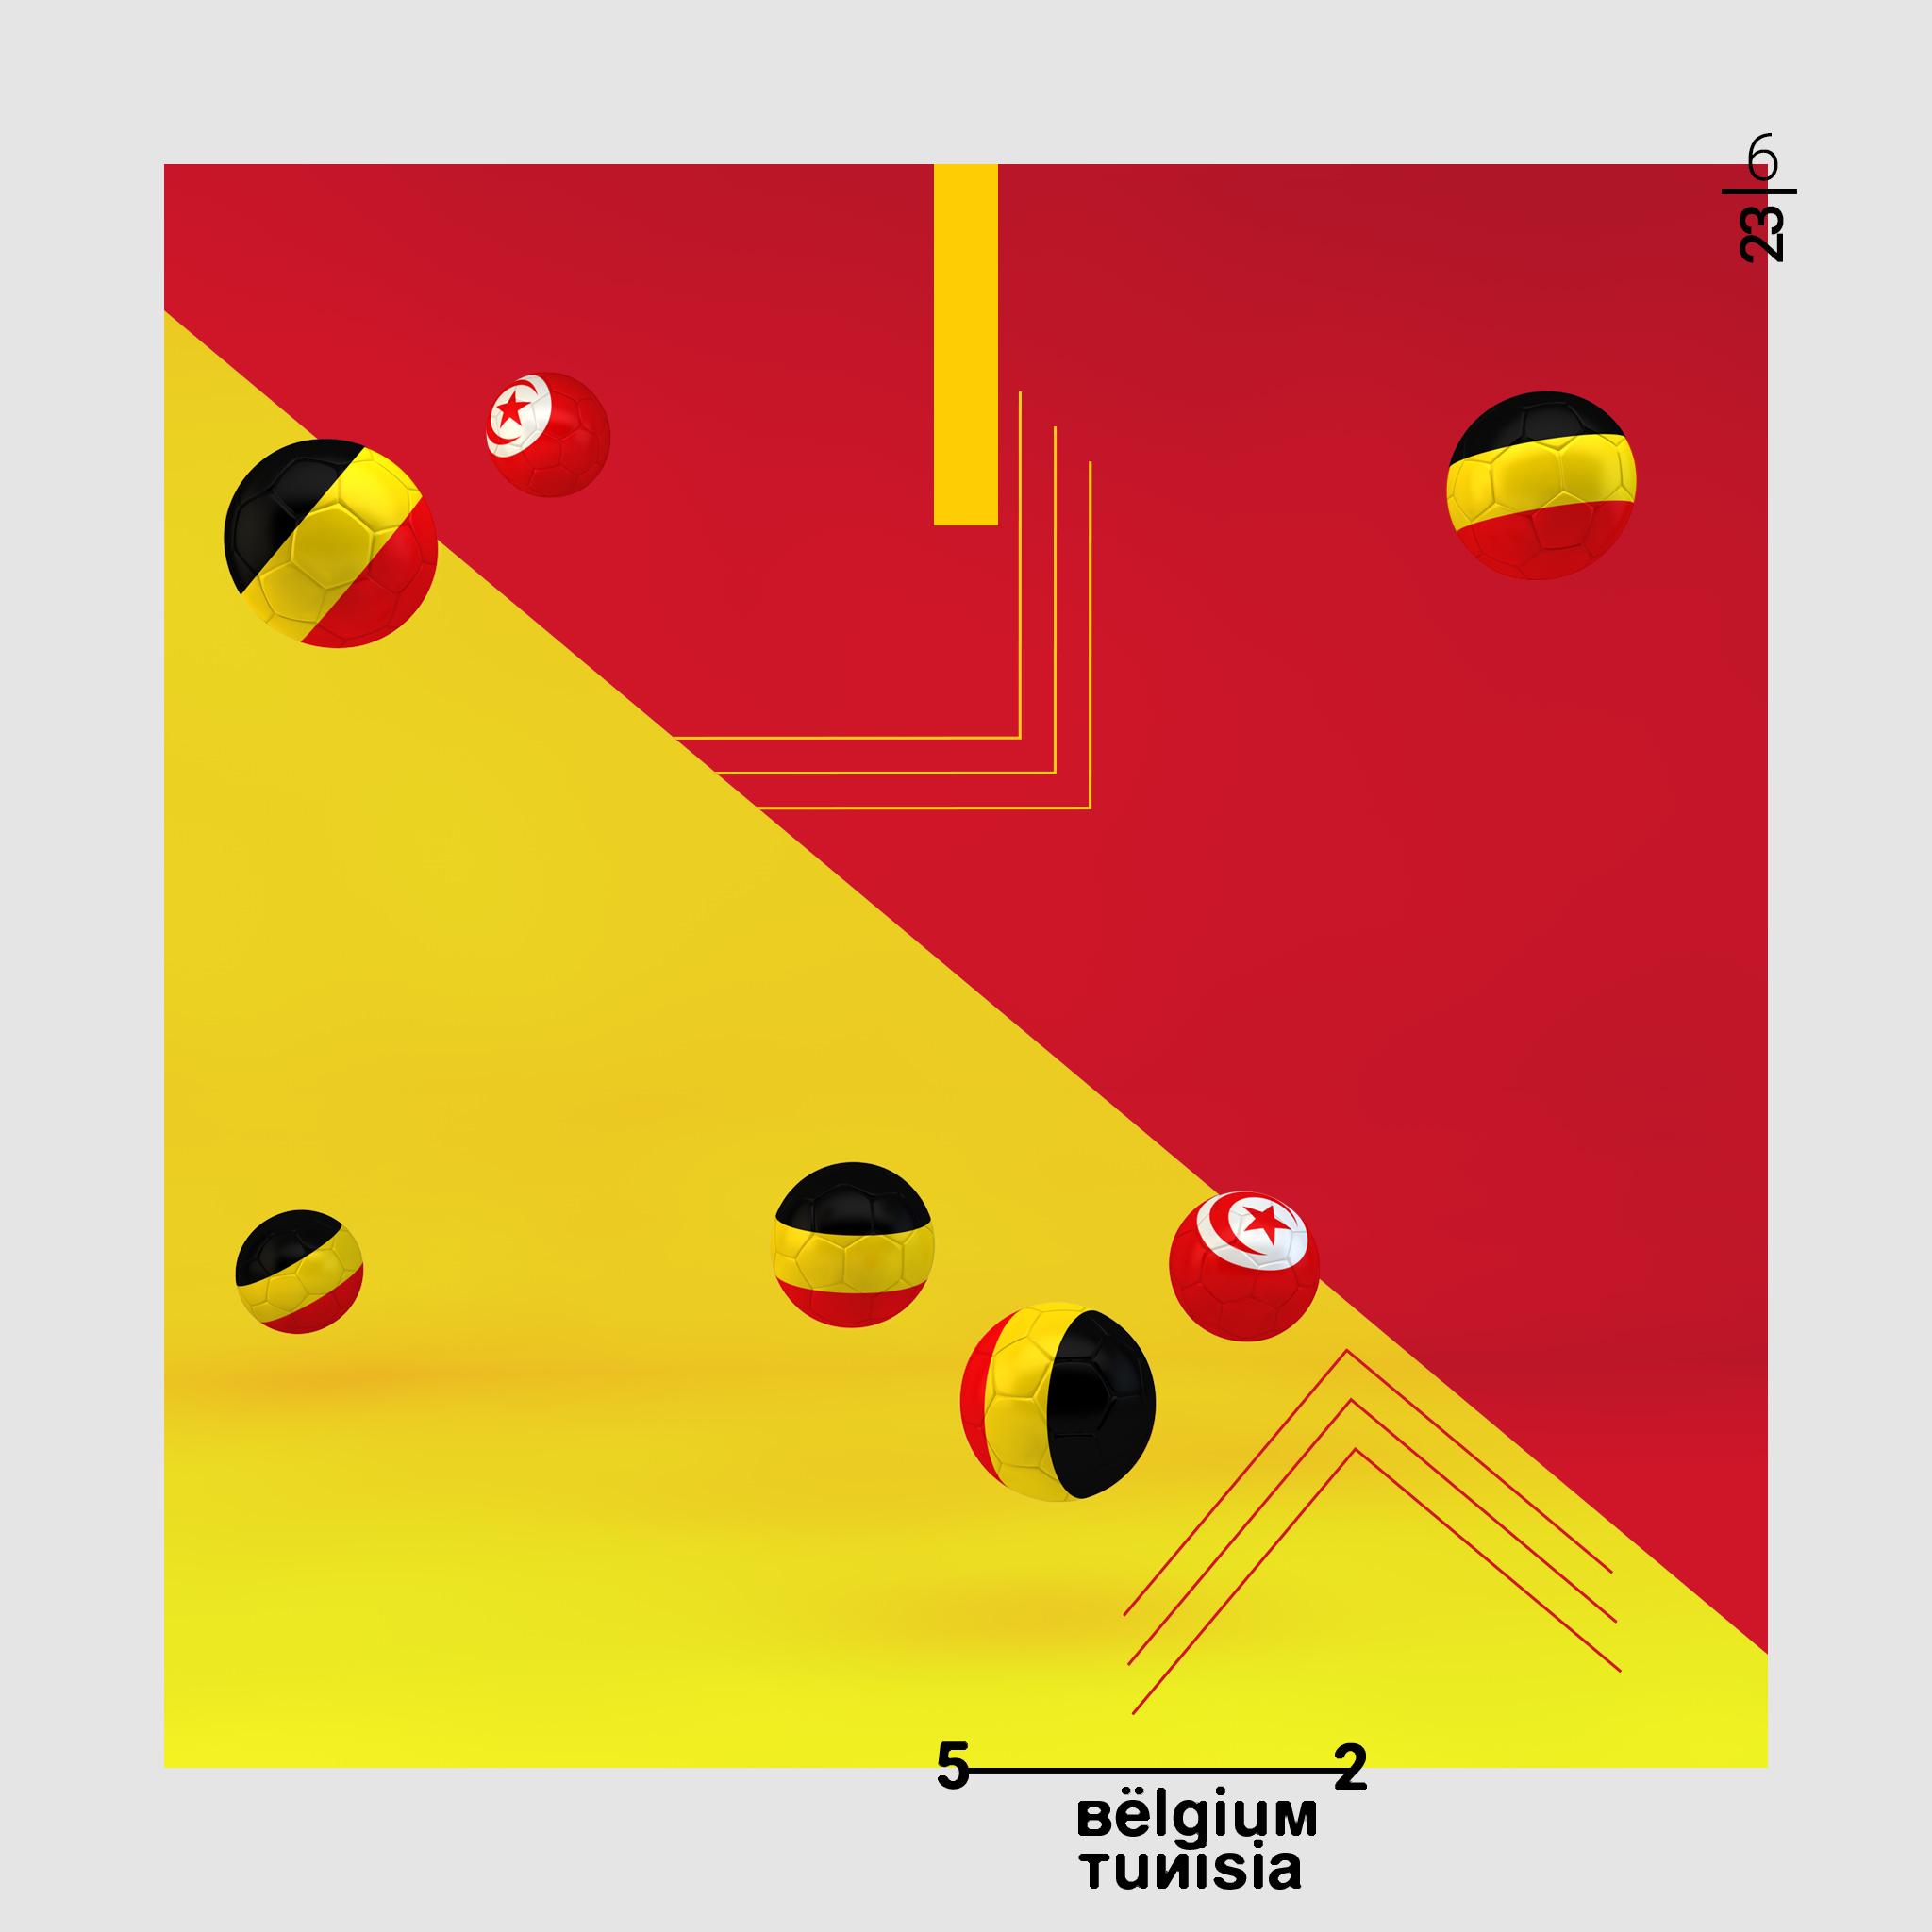 Belgium_Tunisia.jpg